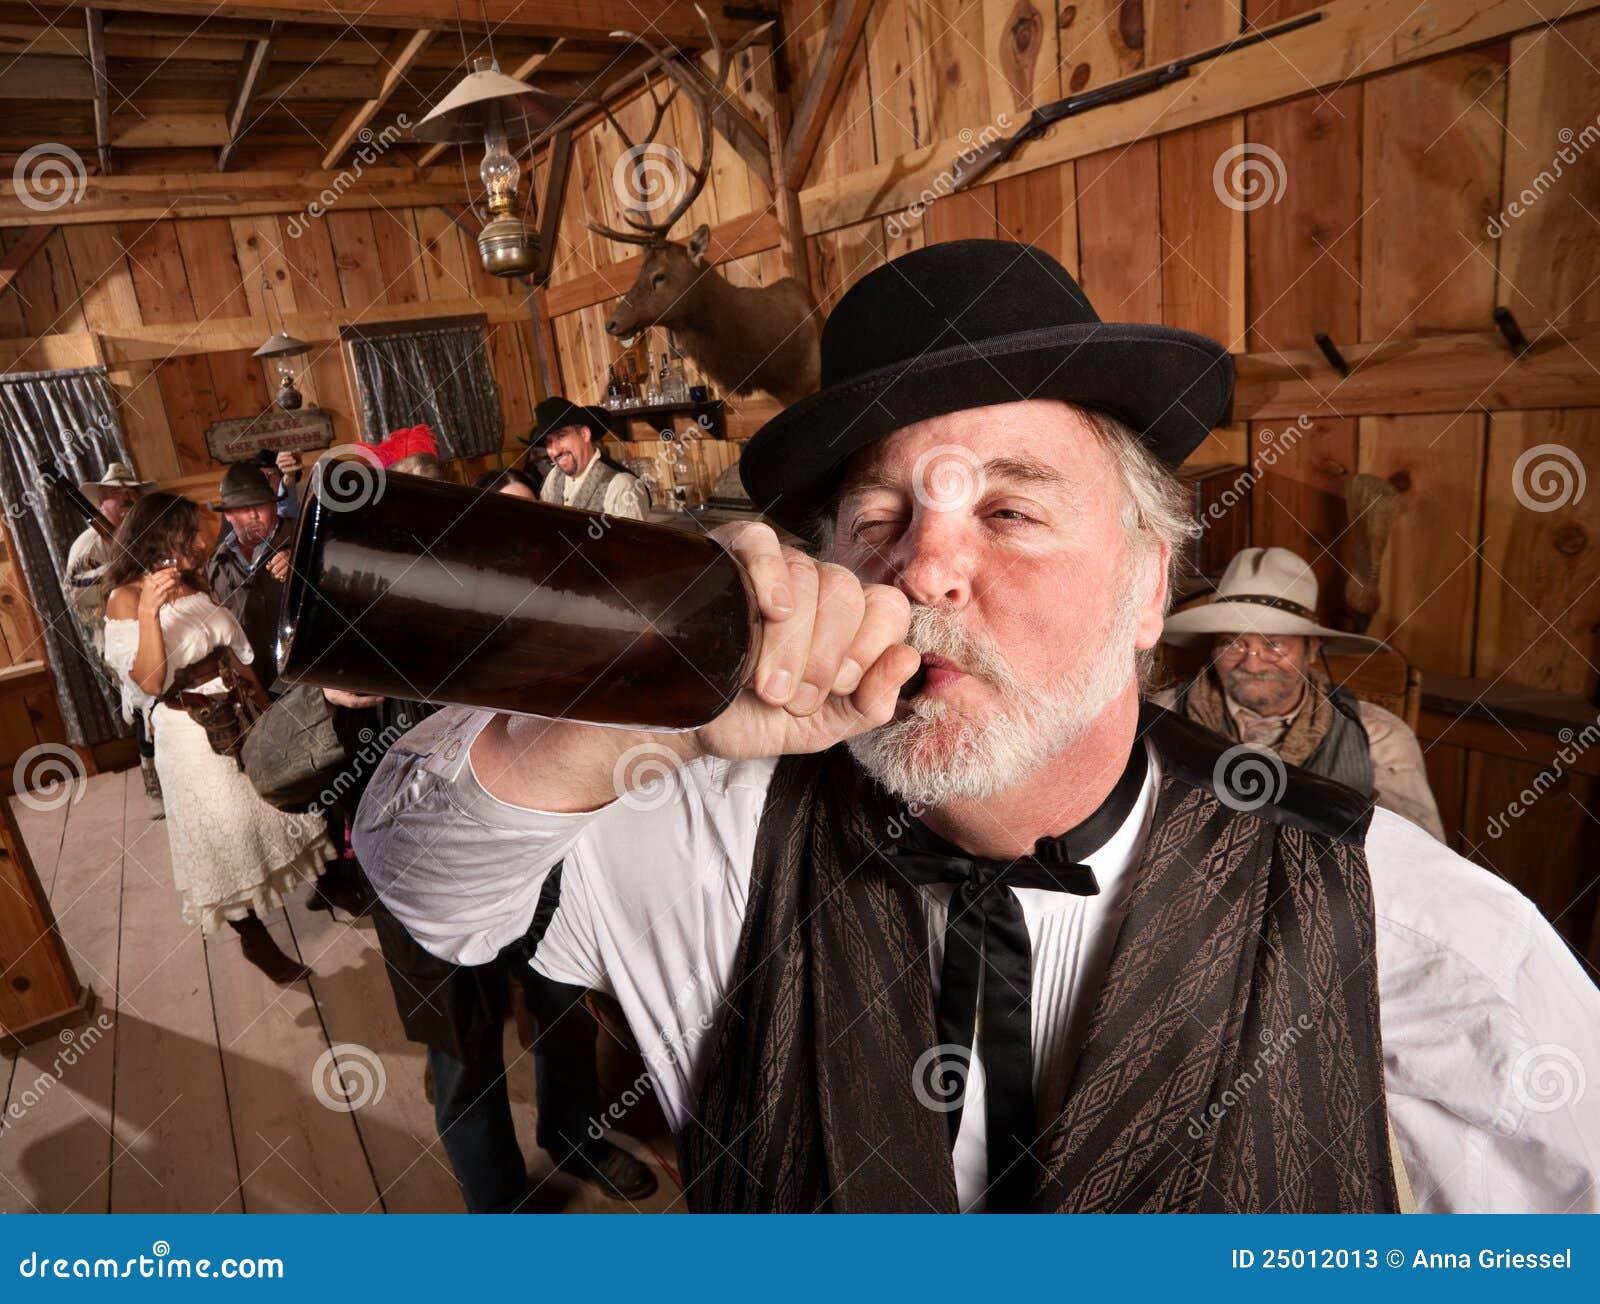 Dronken Mens in Staaf